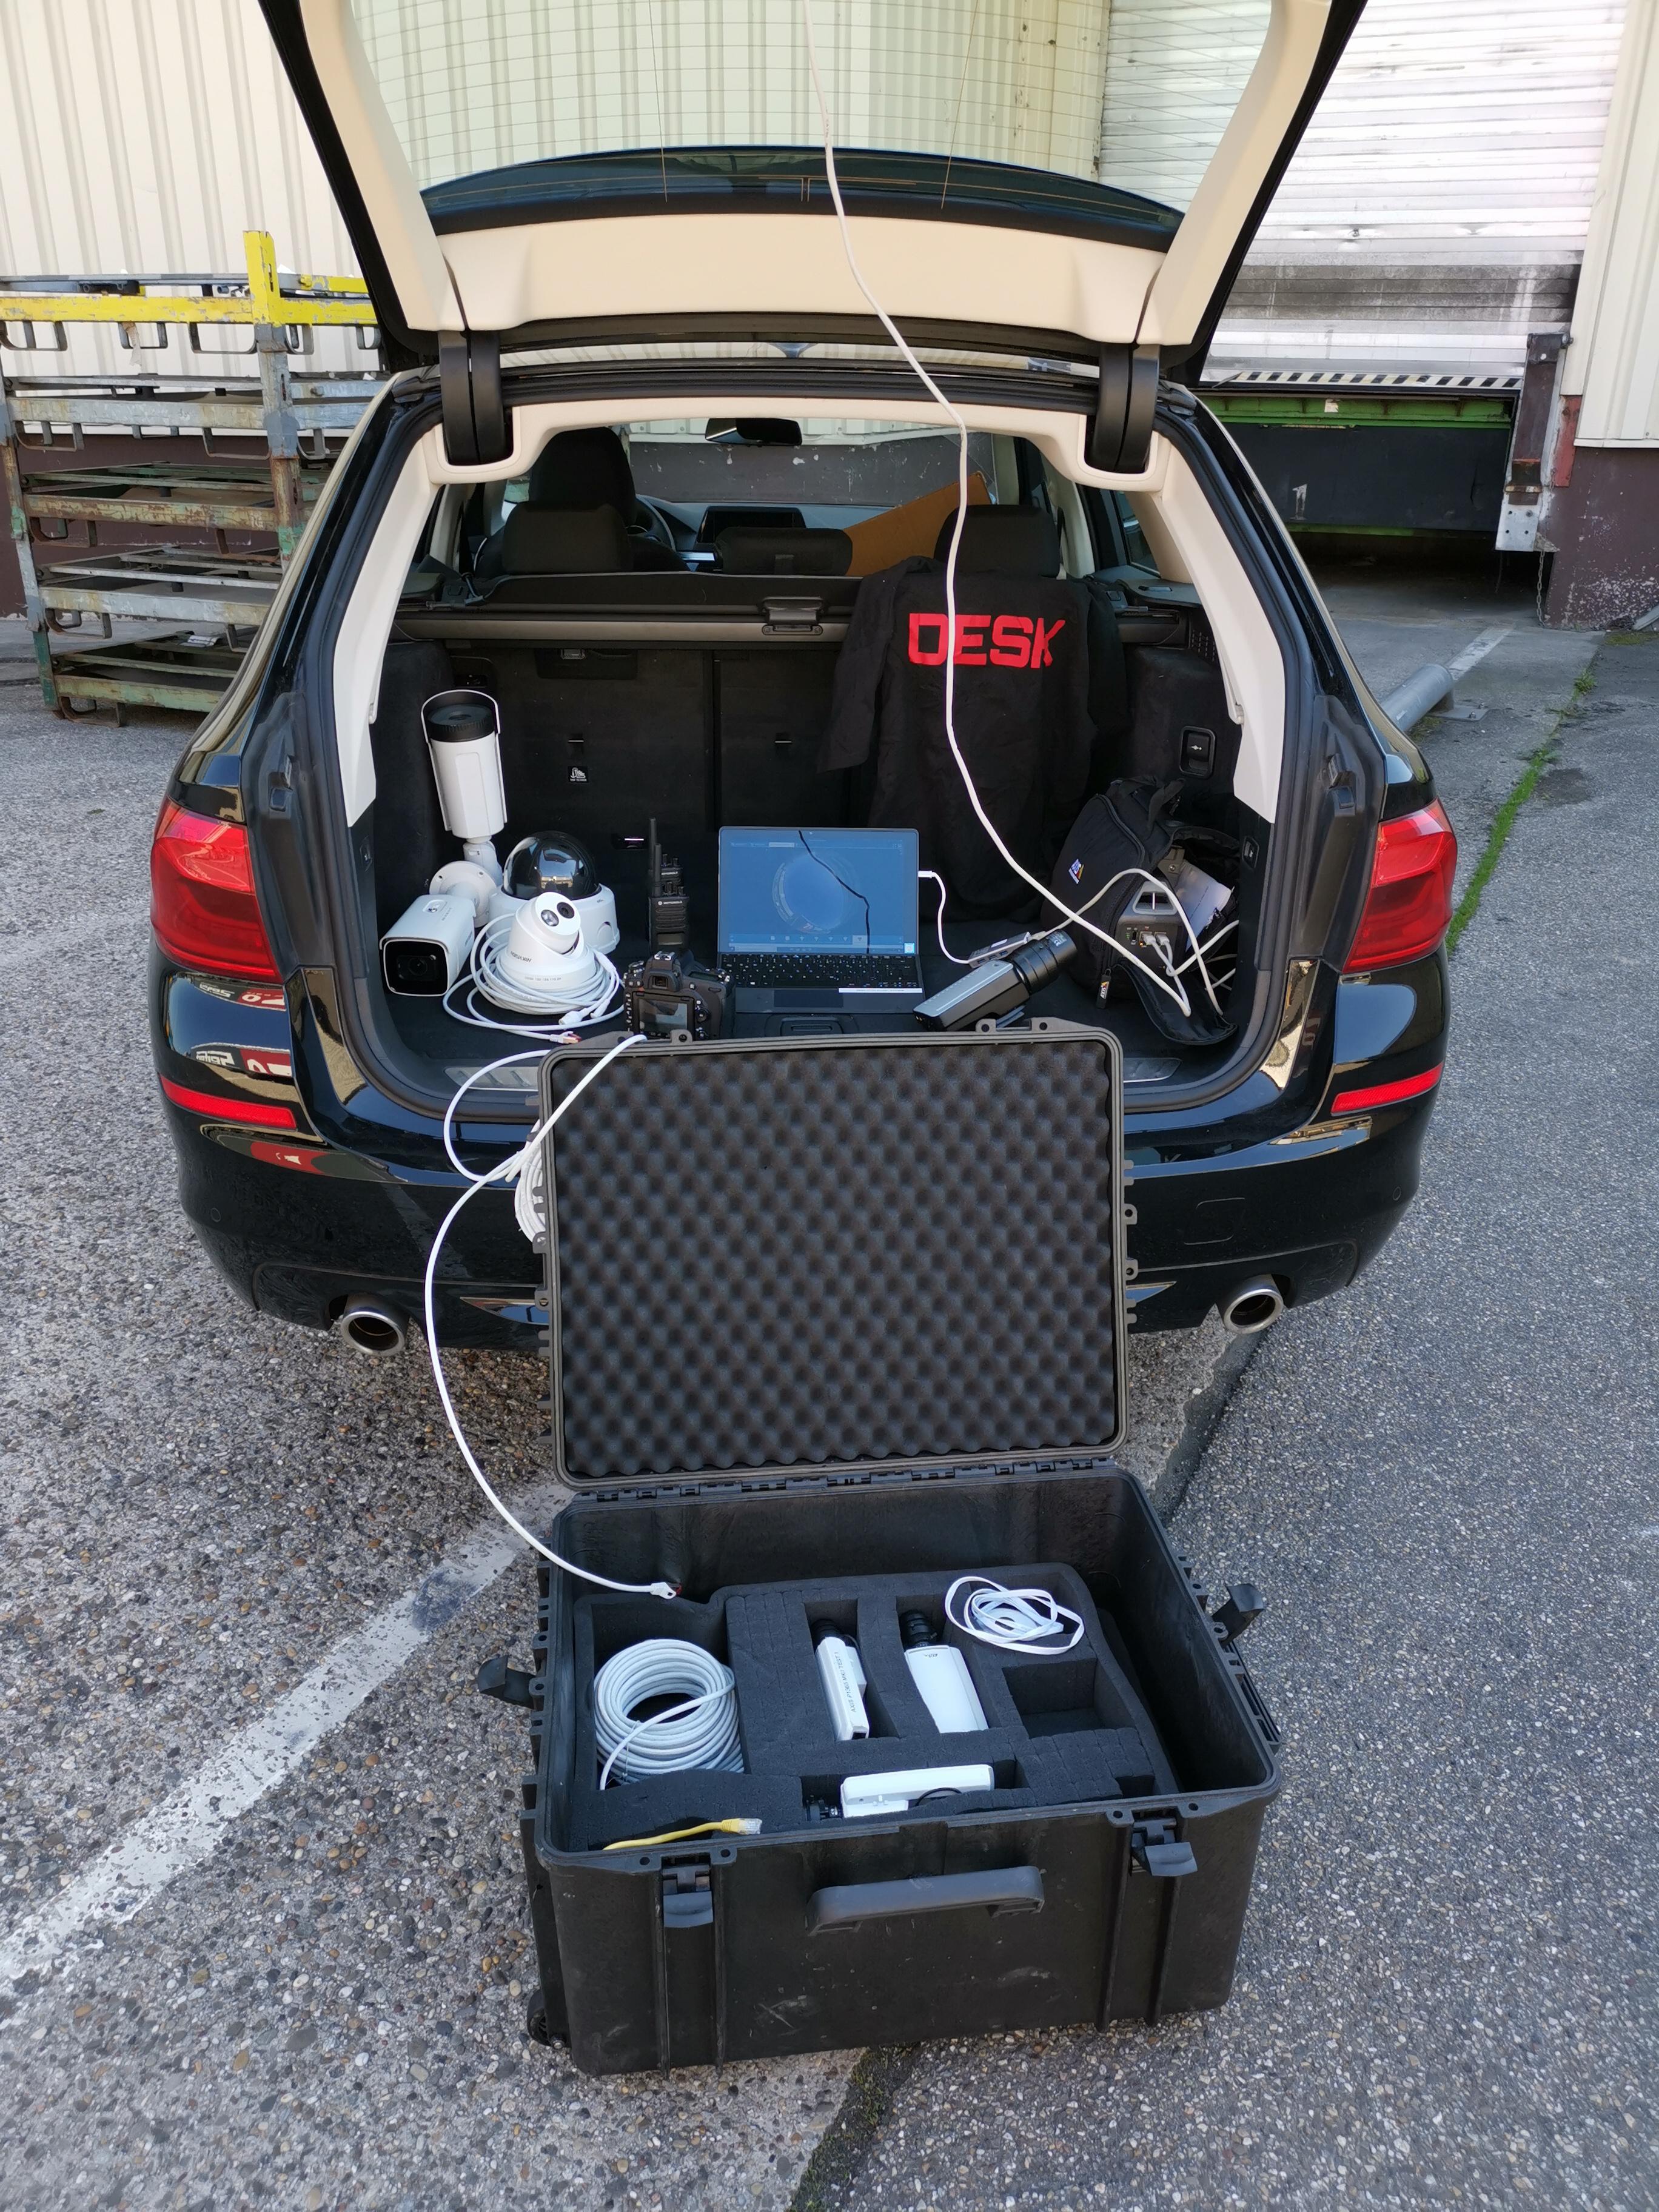 mobile Videoüberwachung Raum Karlsruhe und Frankfurt am Main DESK Sicherheit